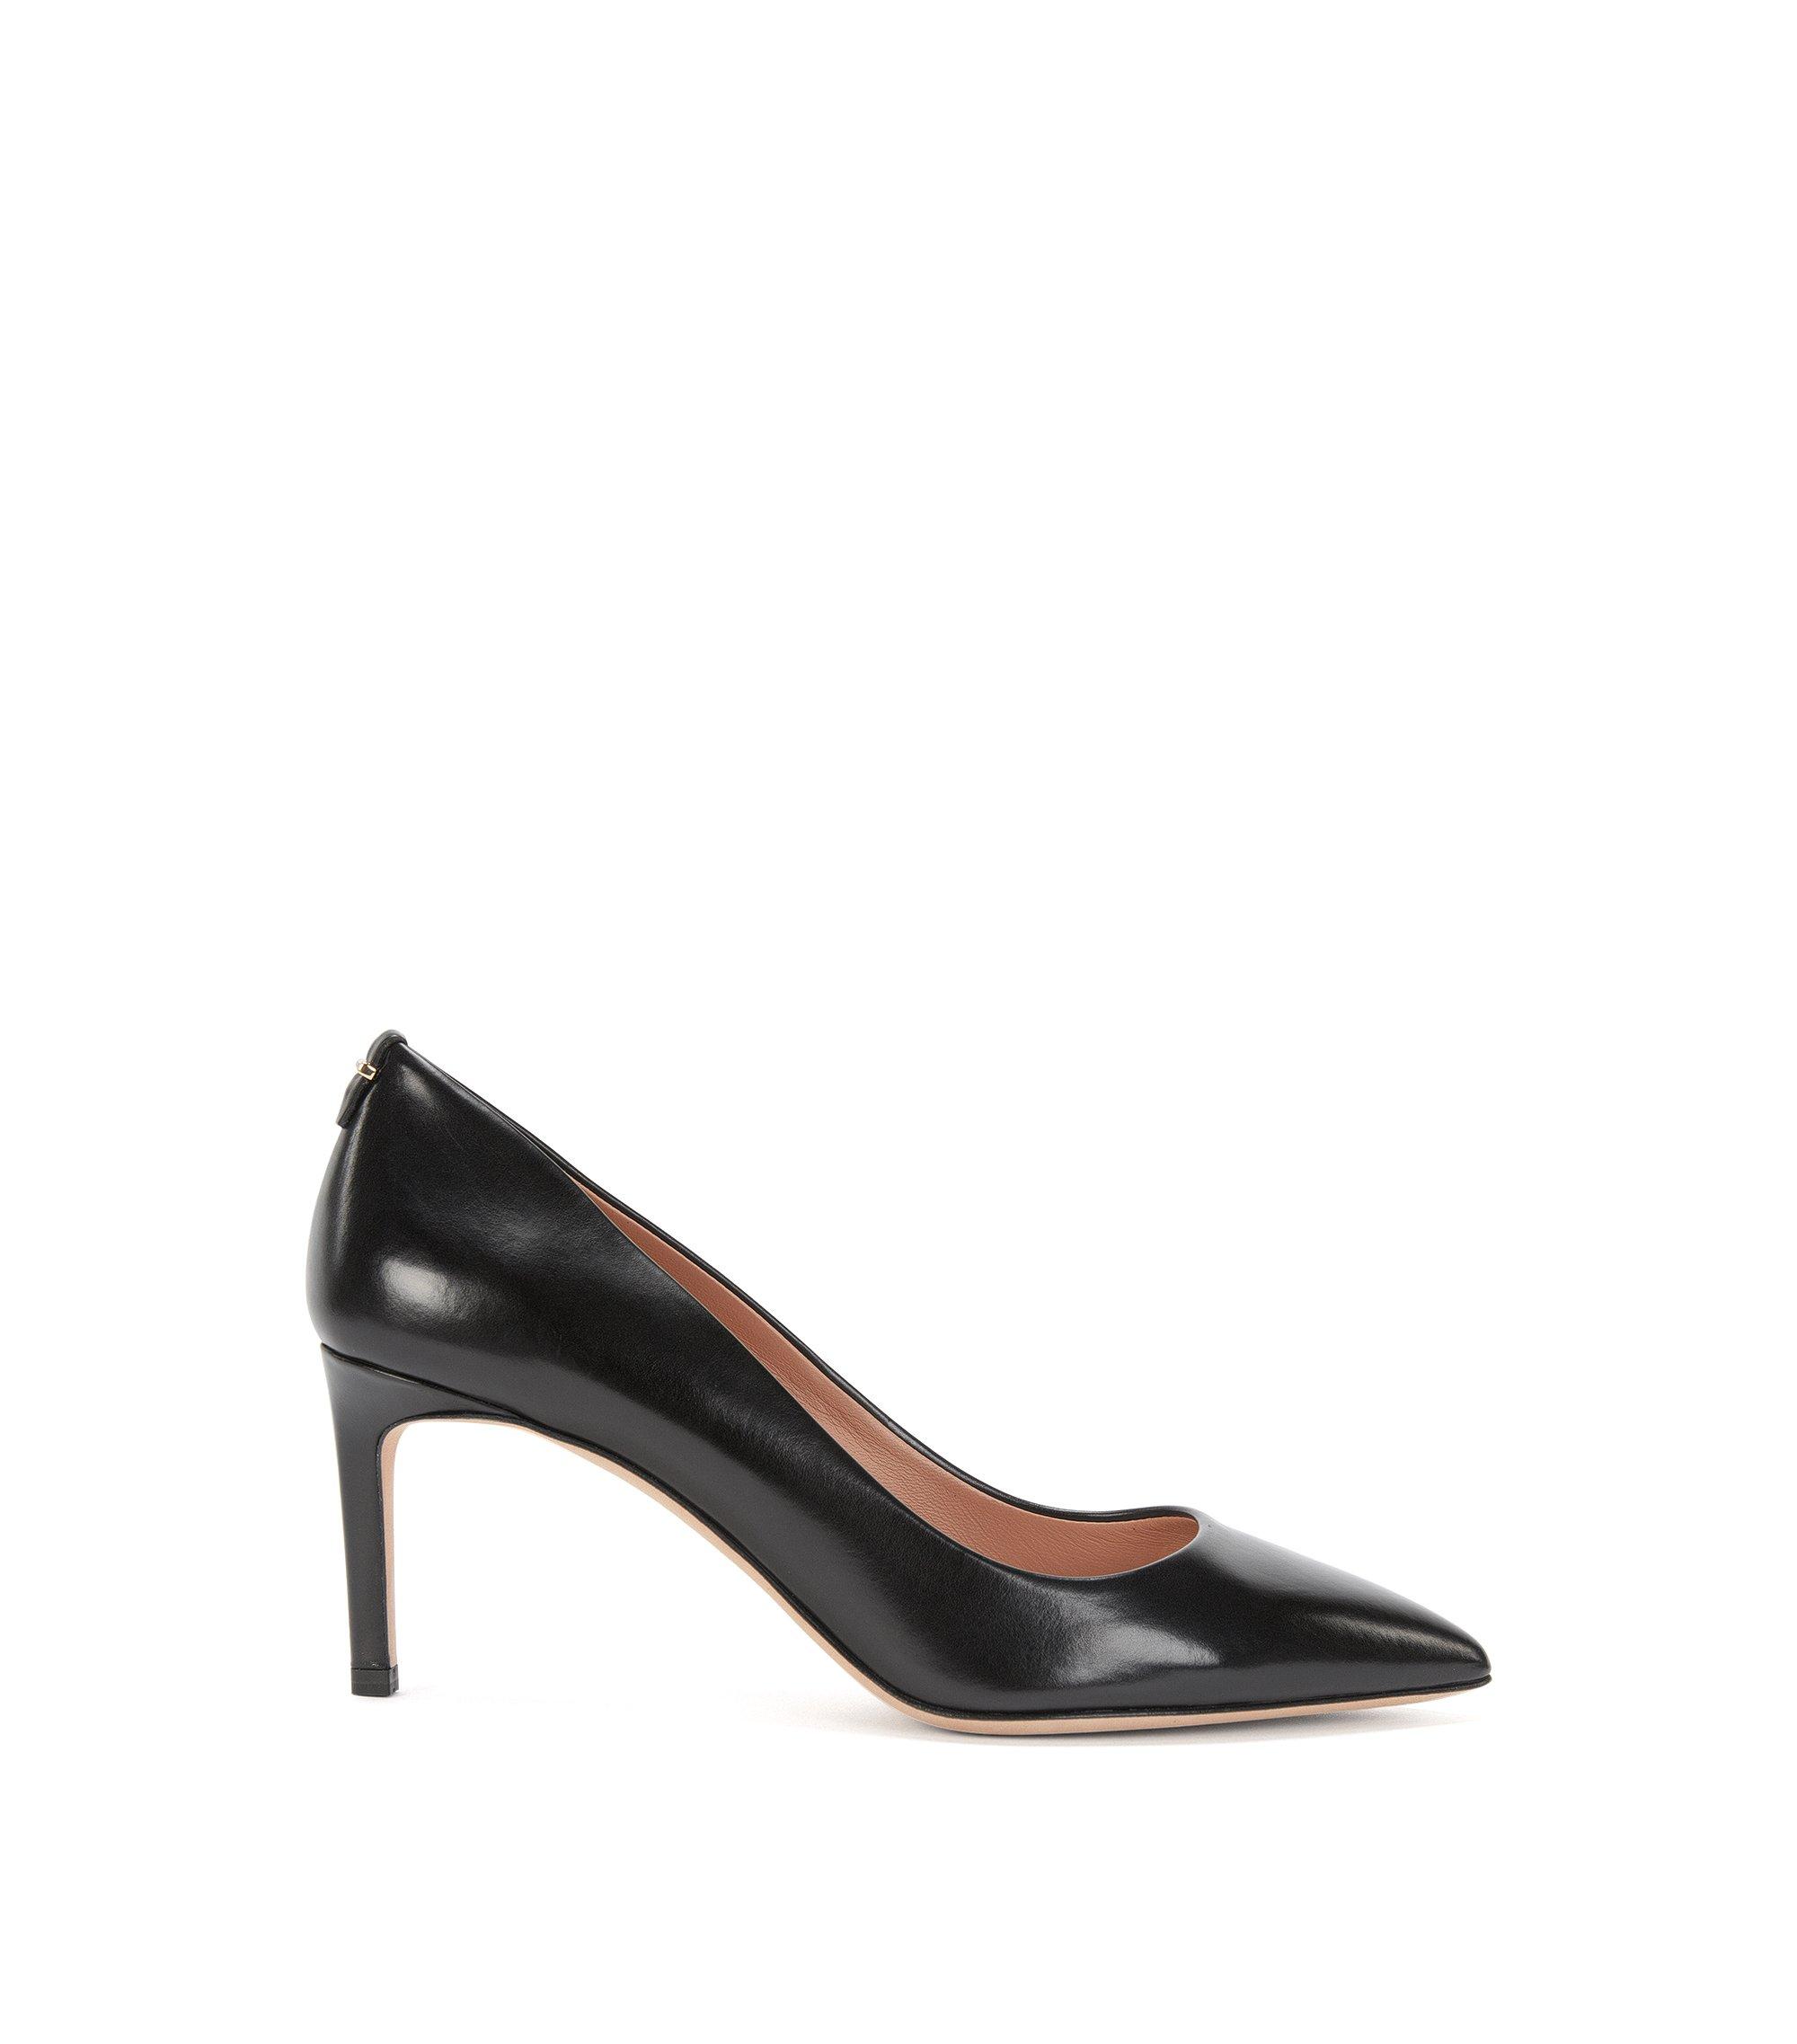 Escarpins Luxury Staple luxueux, en cuir italien noble , Noir